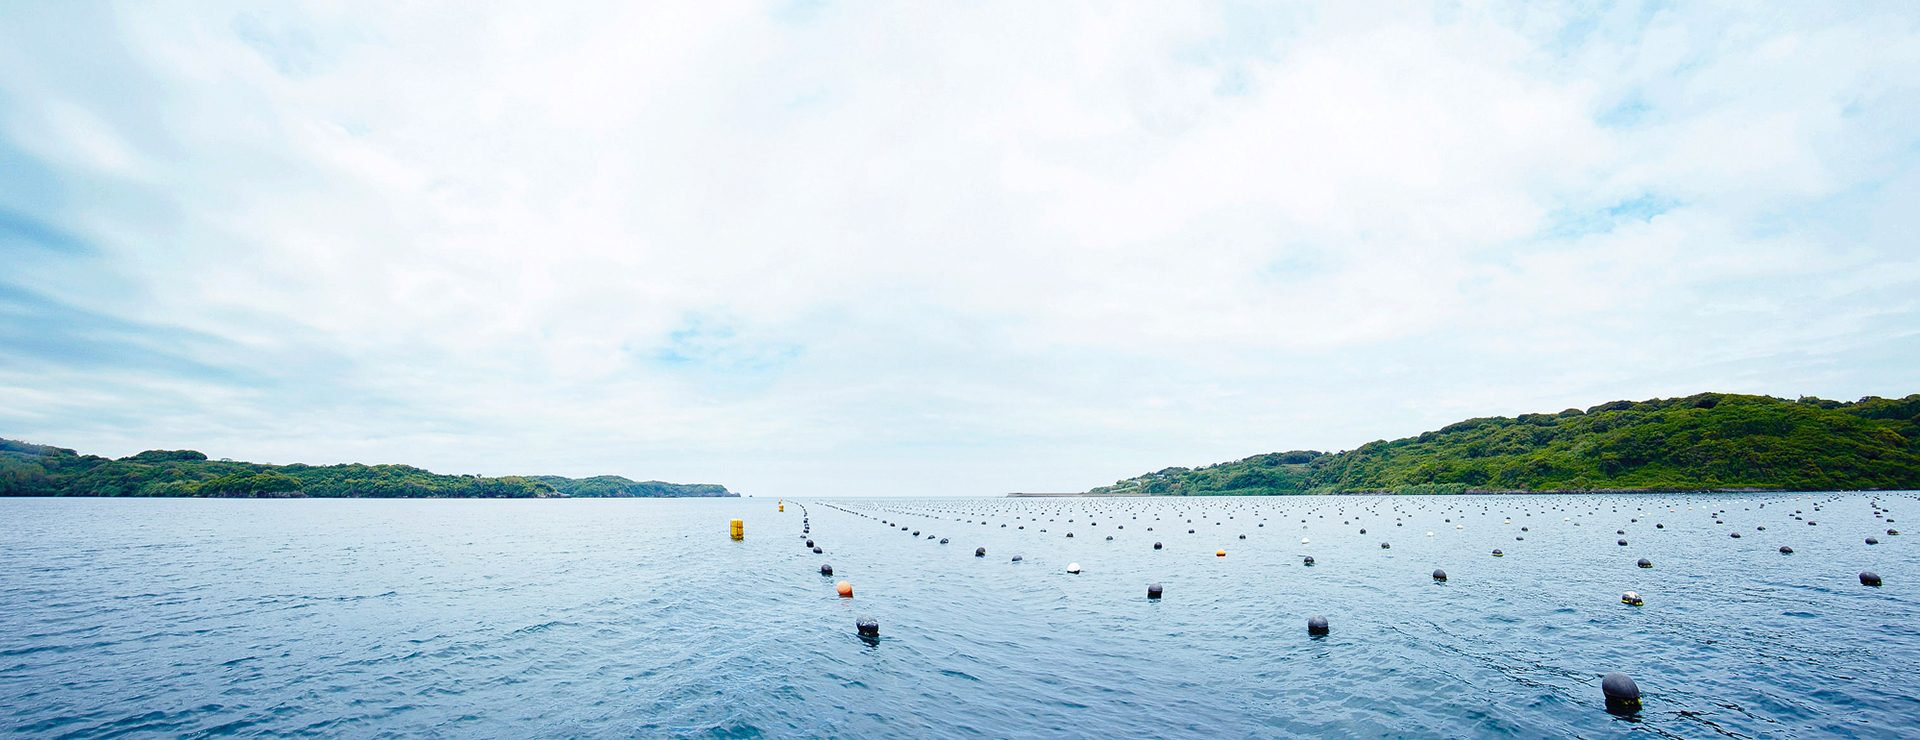 アコヤ真珠が養殖されている湾